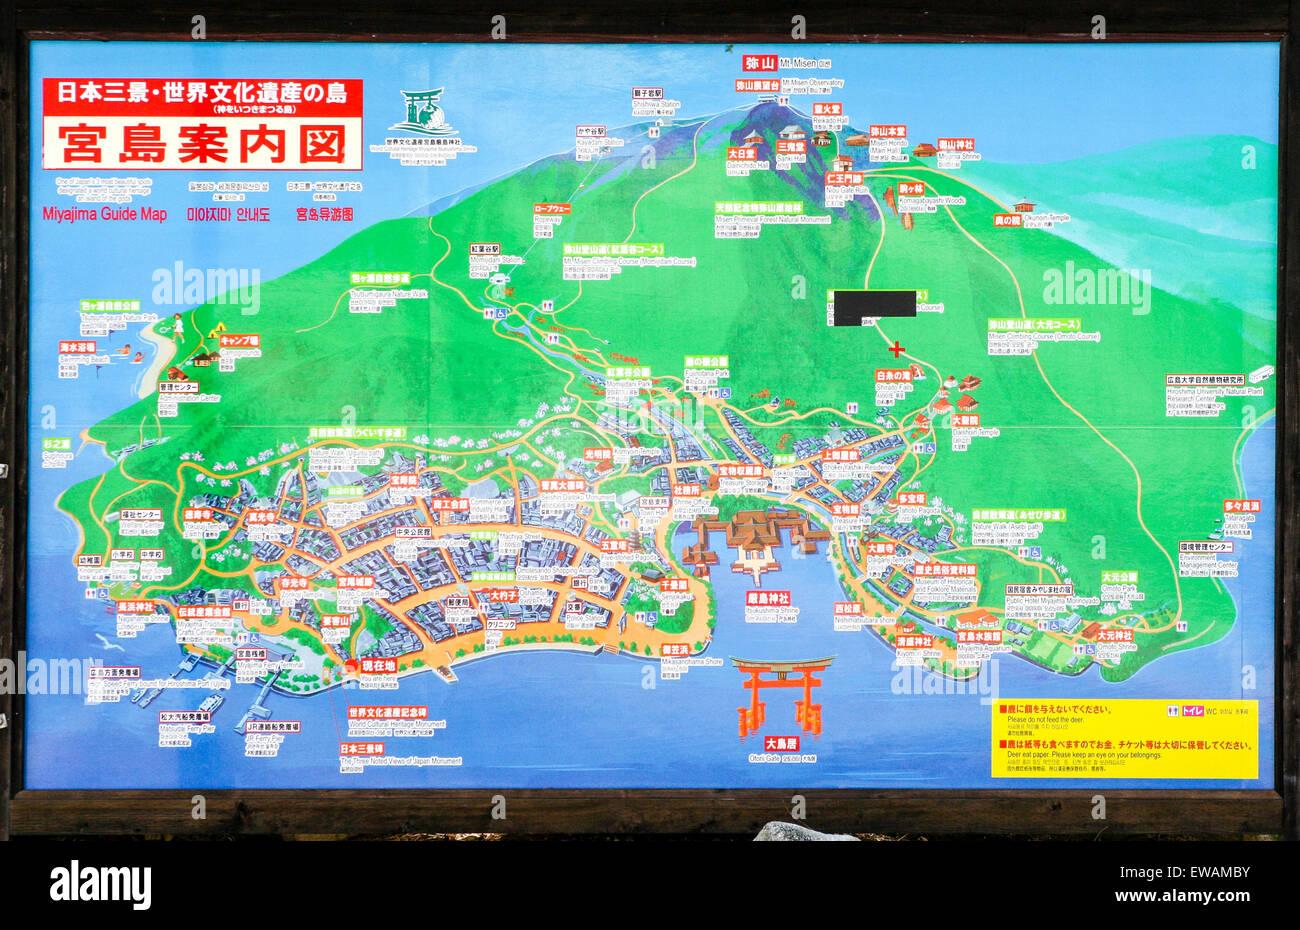 Japan Miyajima island Hiroshima Tourist information map board